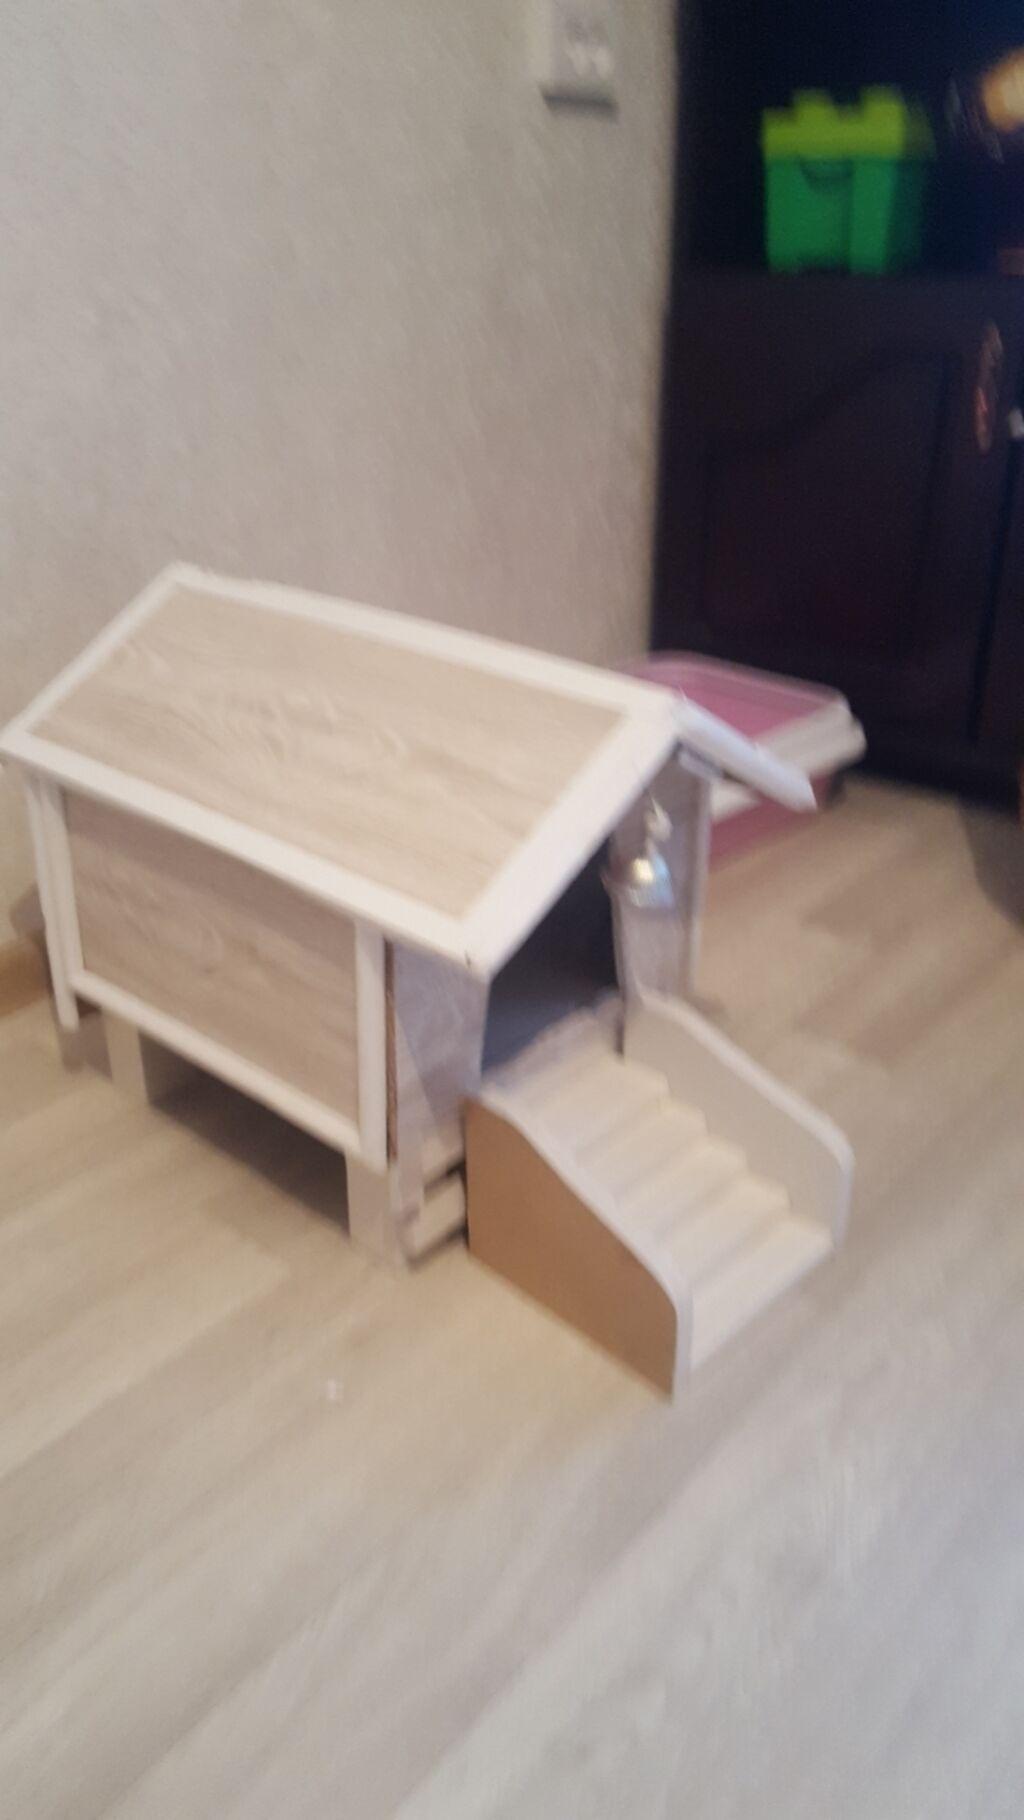 Продаю красивый домик для кошечки: Продаю красивый домик для кошечки